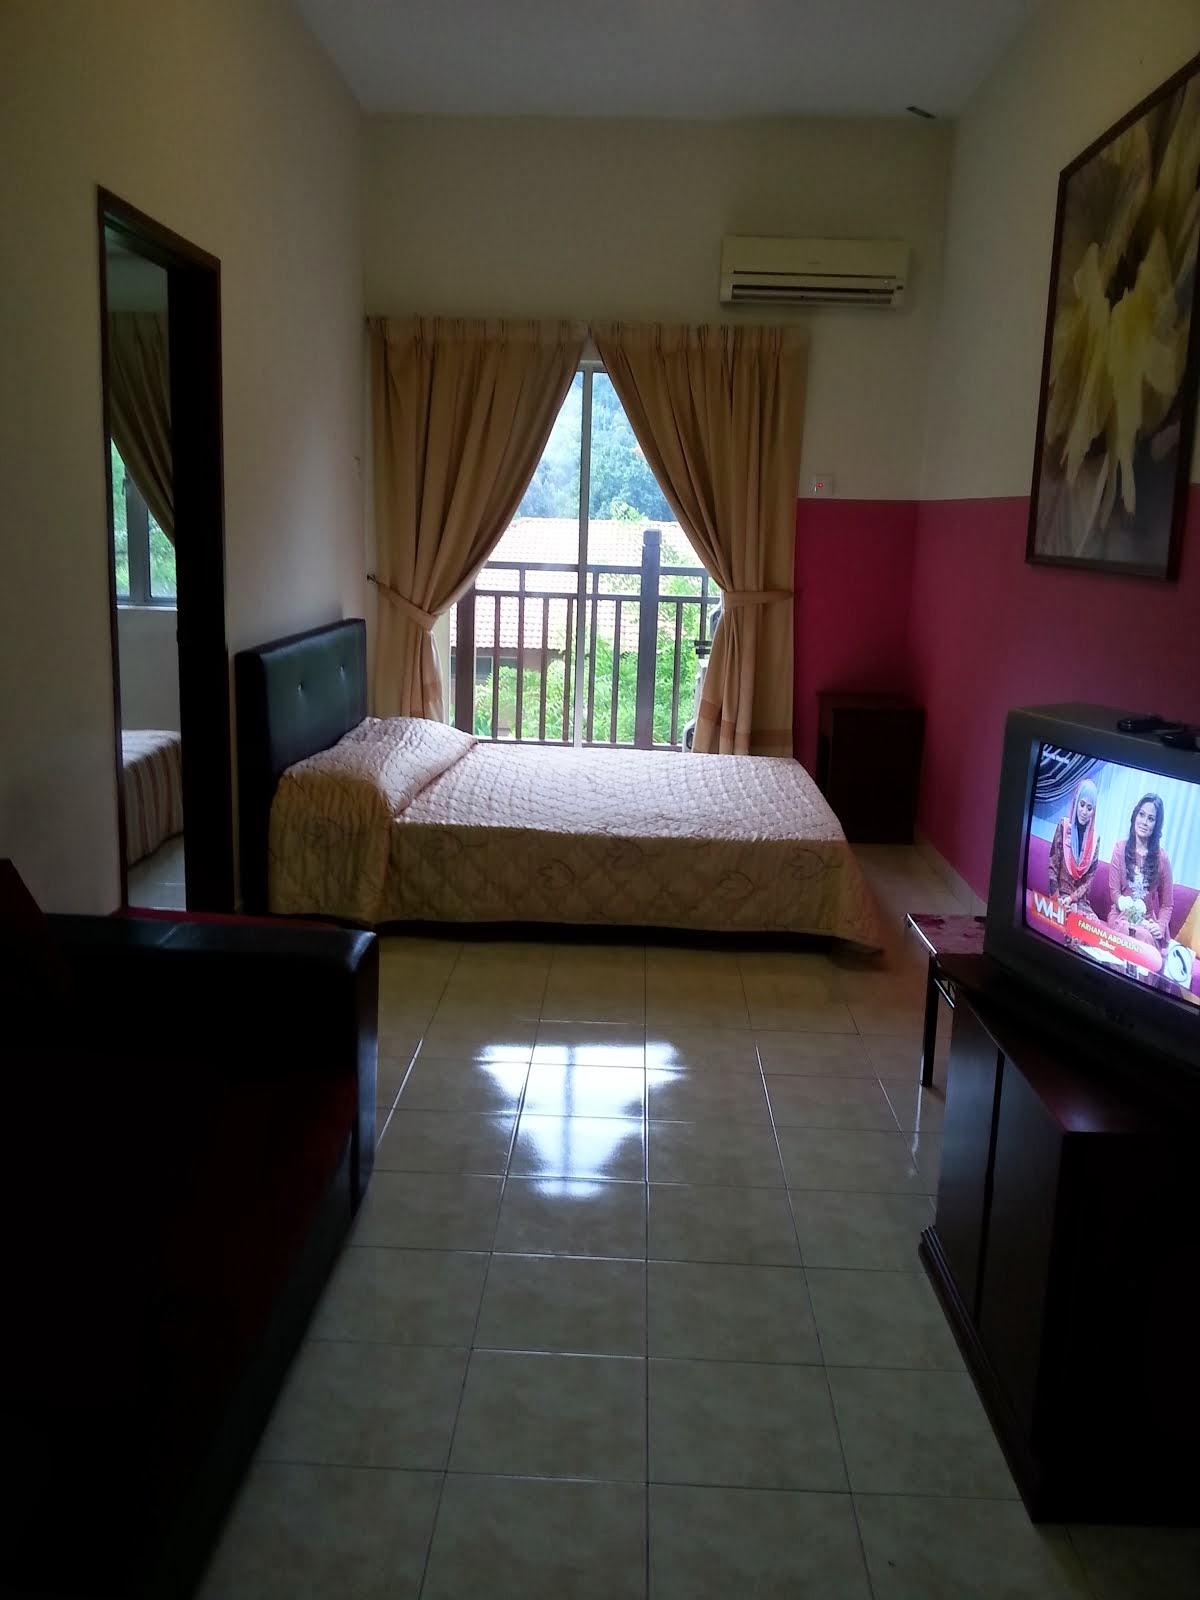 2 katil besar(bilik dan ruang tamu) RM 140!! promosi